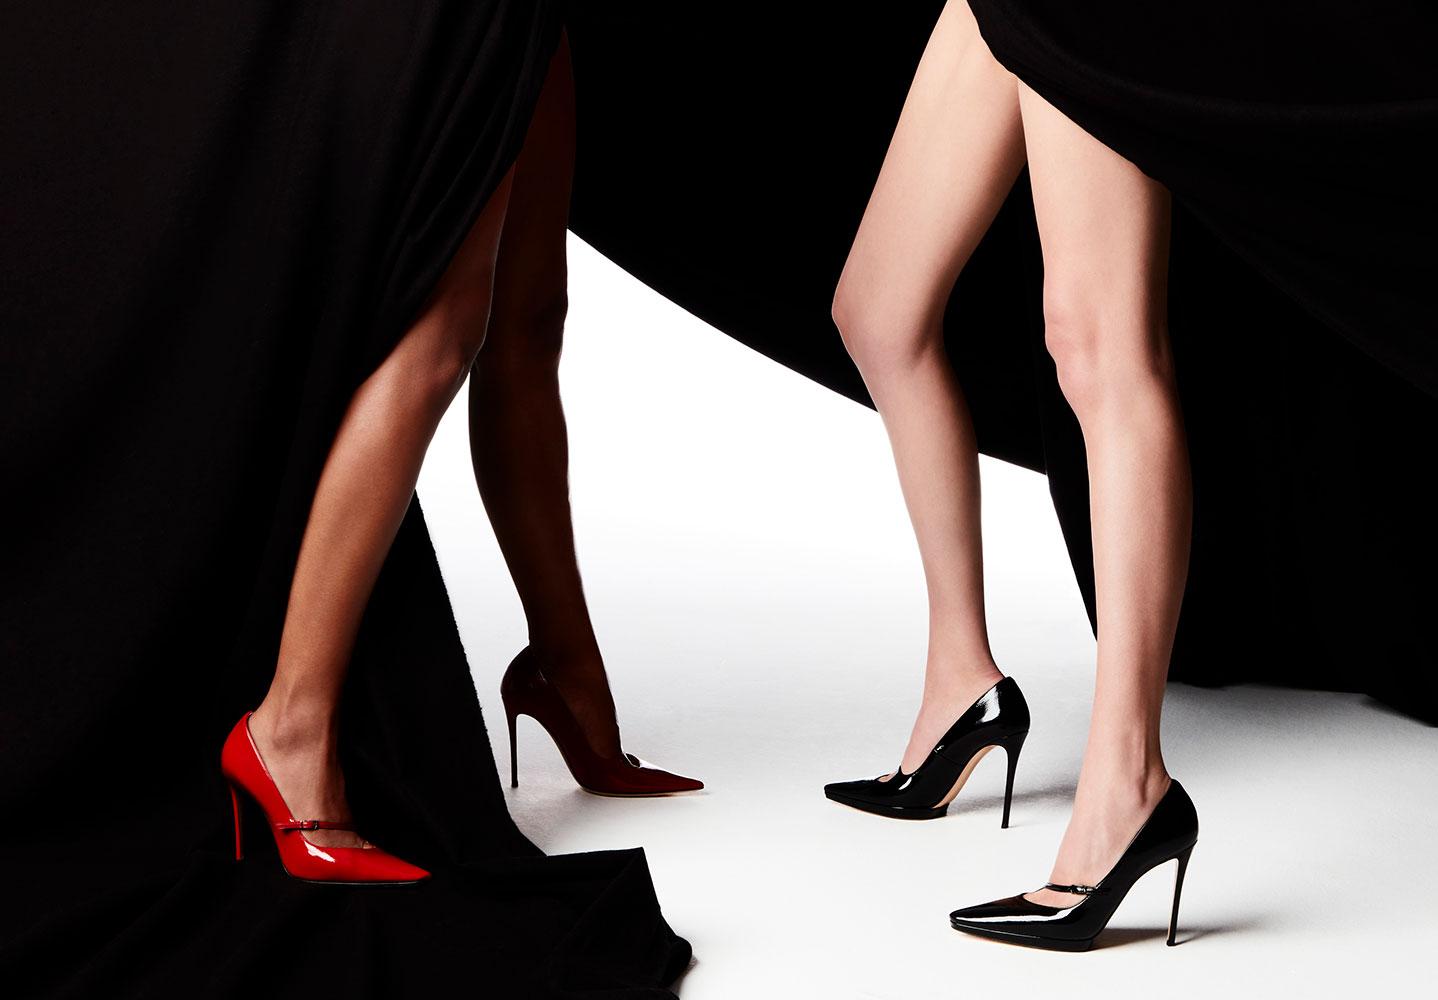 8 tips đi giày cao gót khiến bạn trở nên tự tin và sang trọng hơn